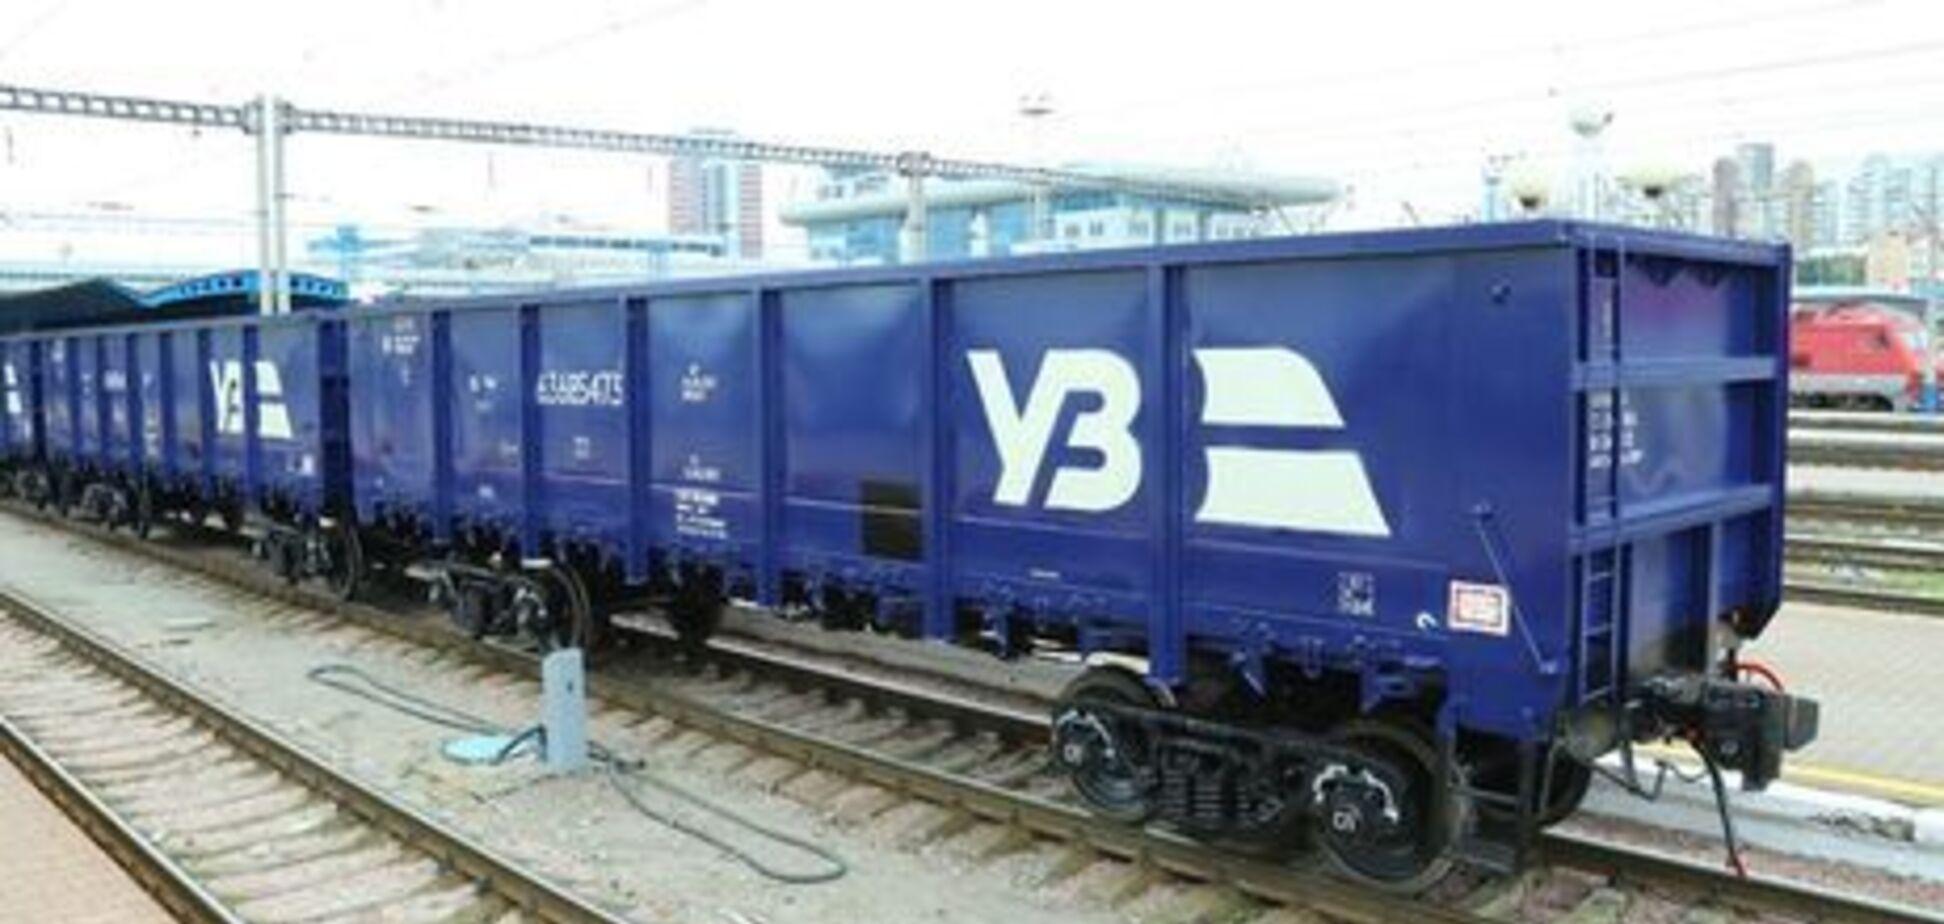 Повышения тарифов на грузовые перевозки УЗ в этом году больше не будет